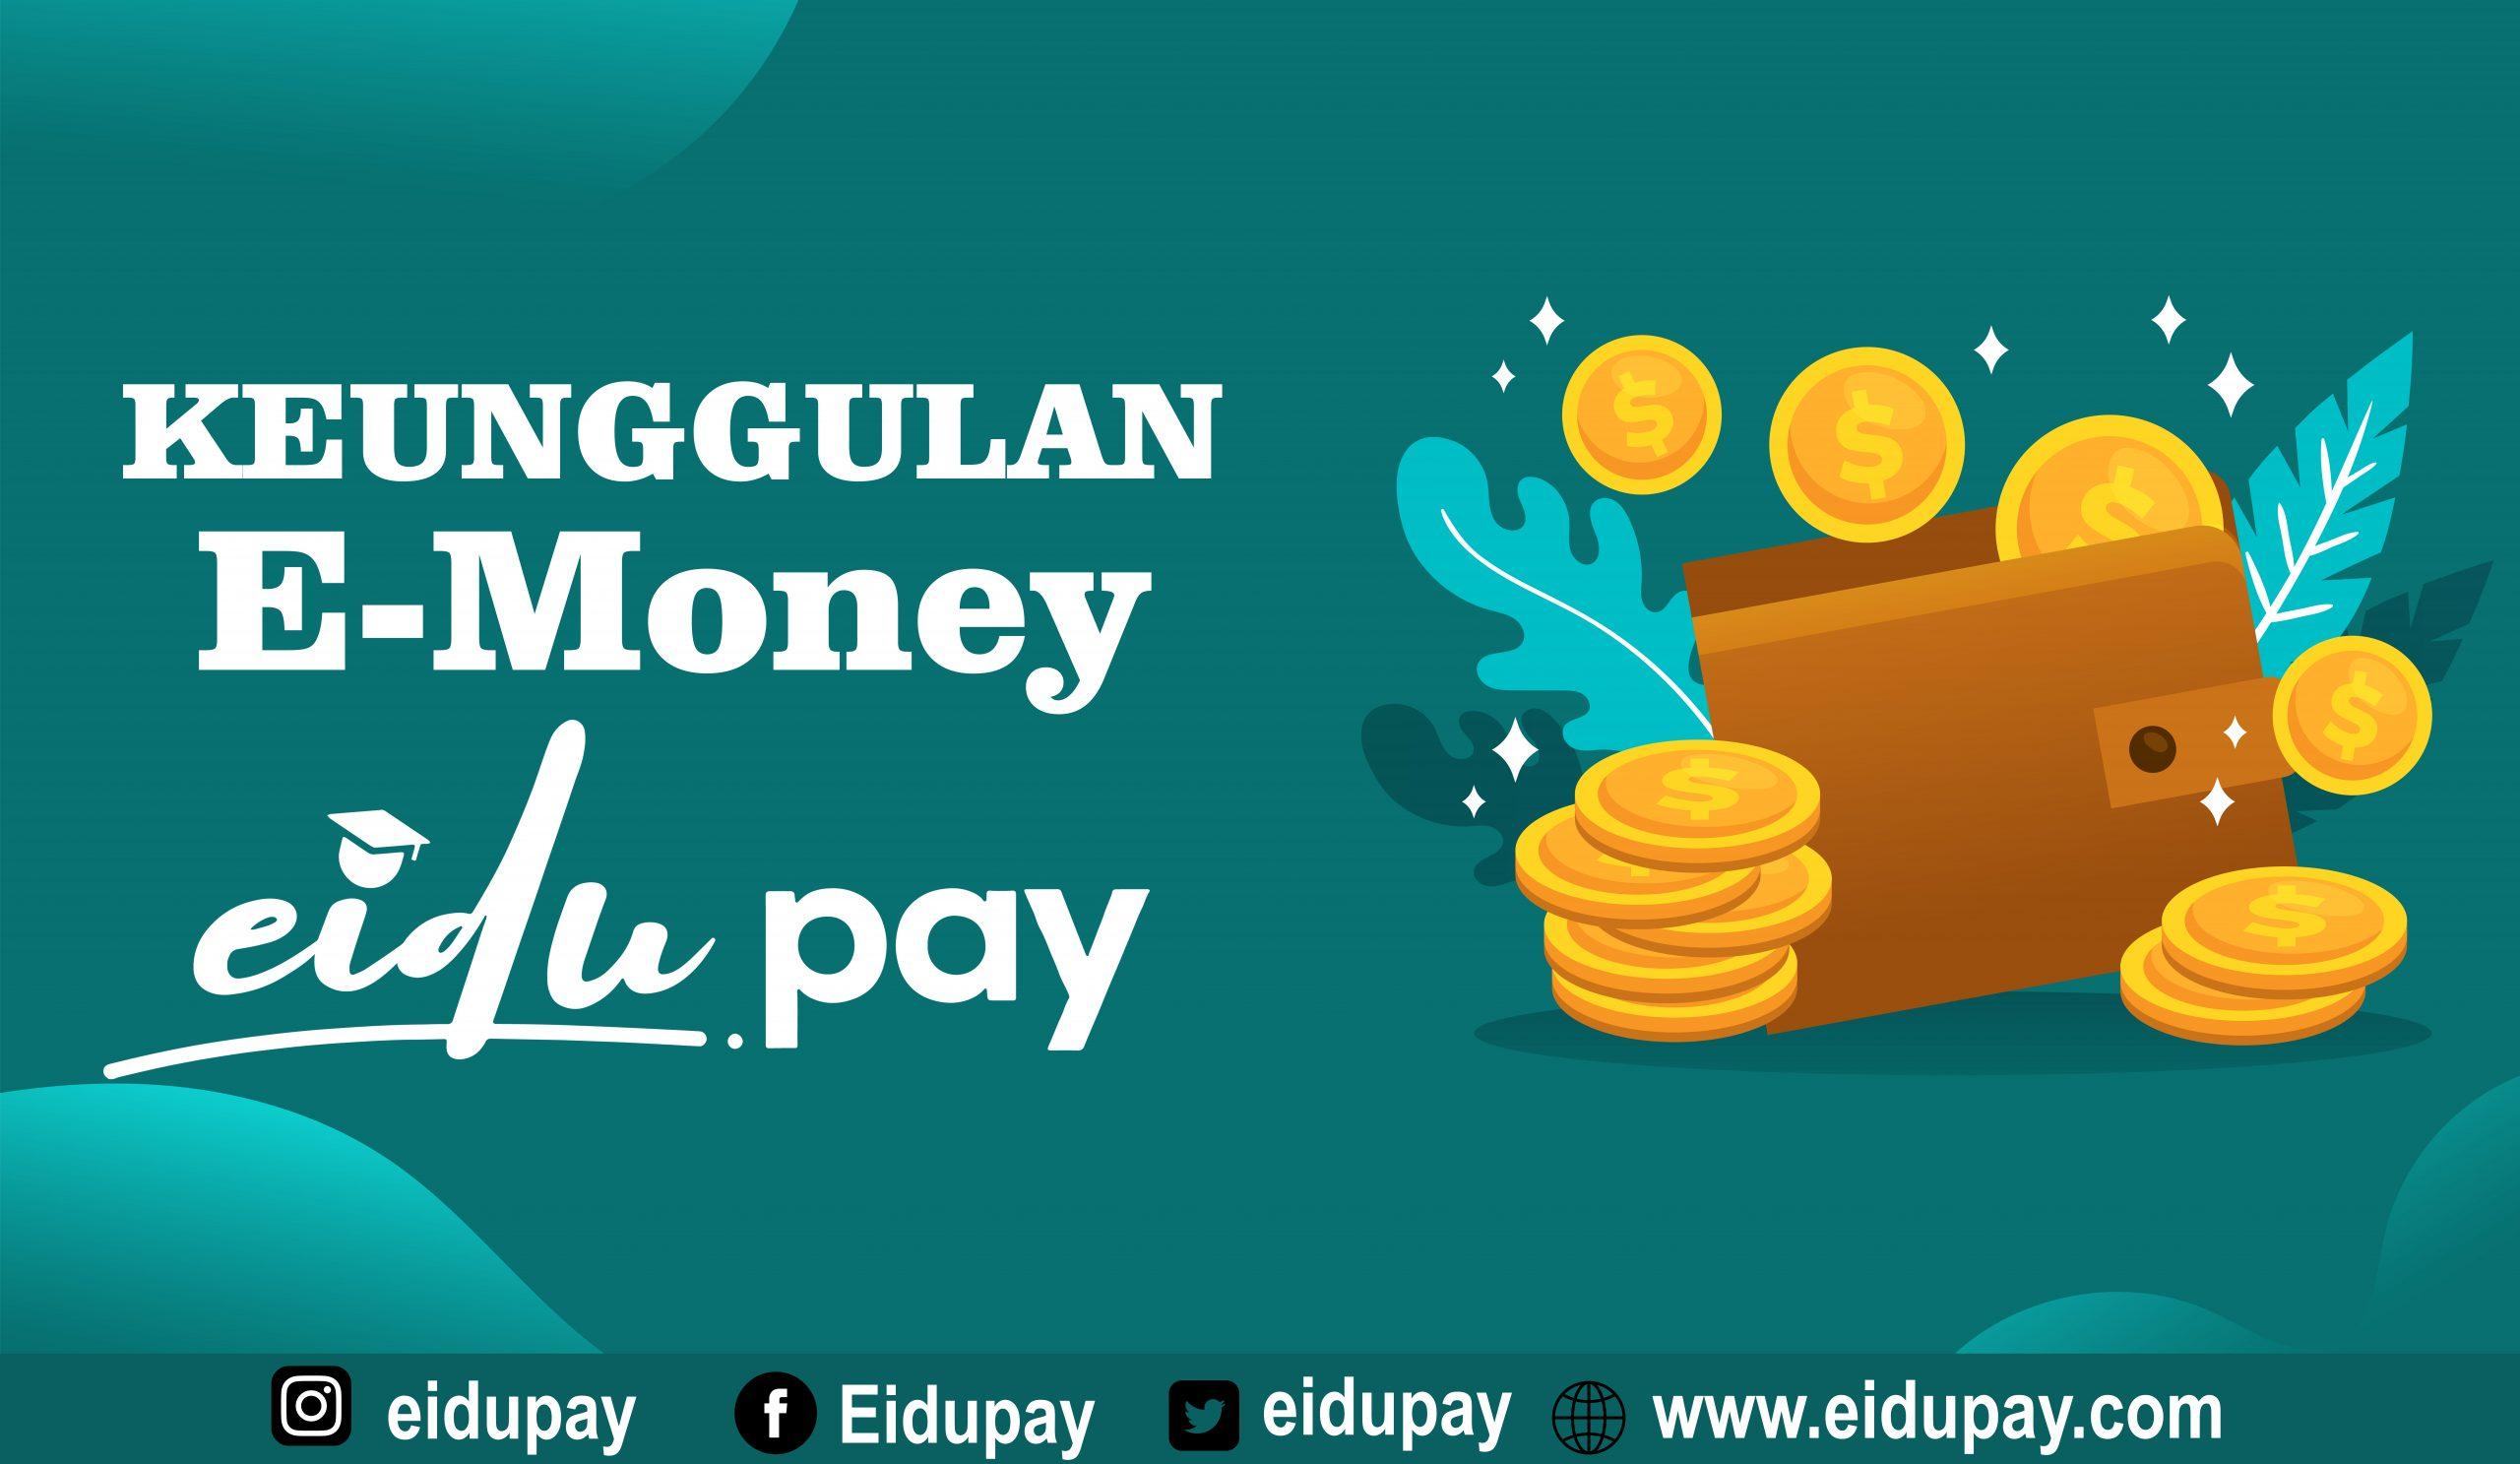 Keunggulan Pakai e-Money